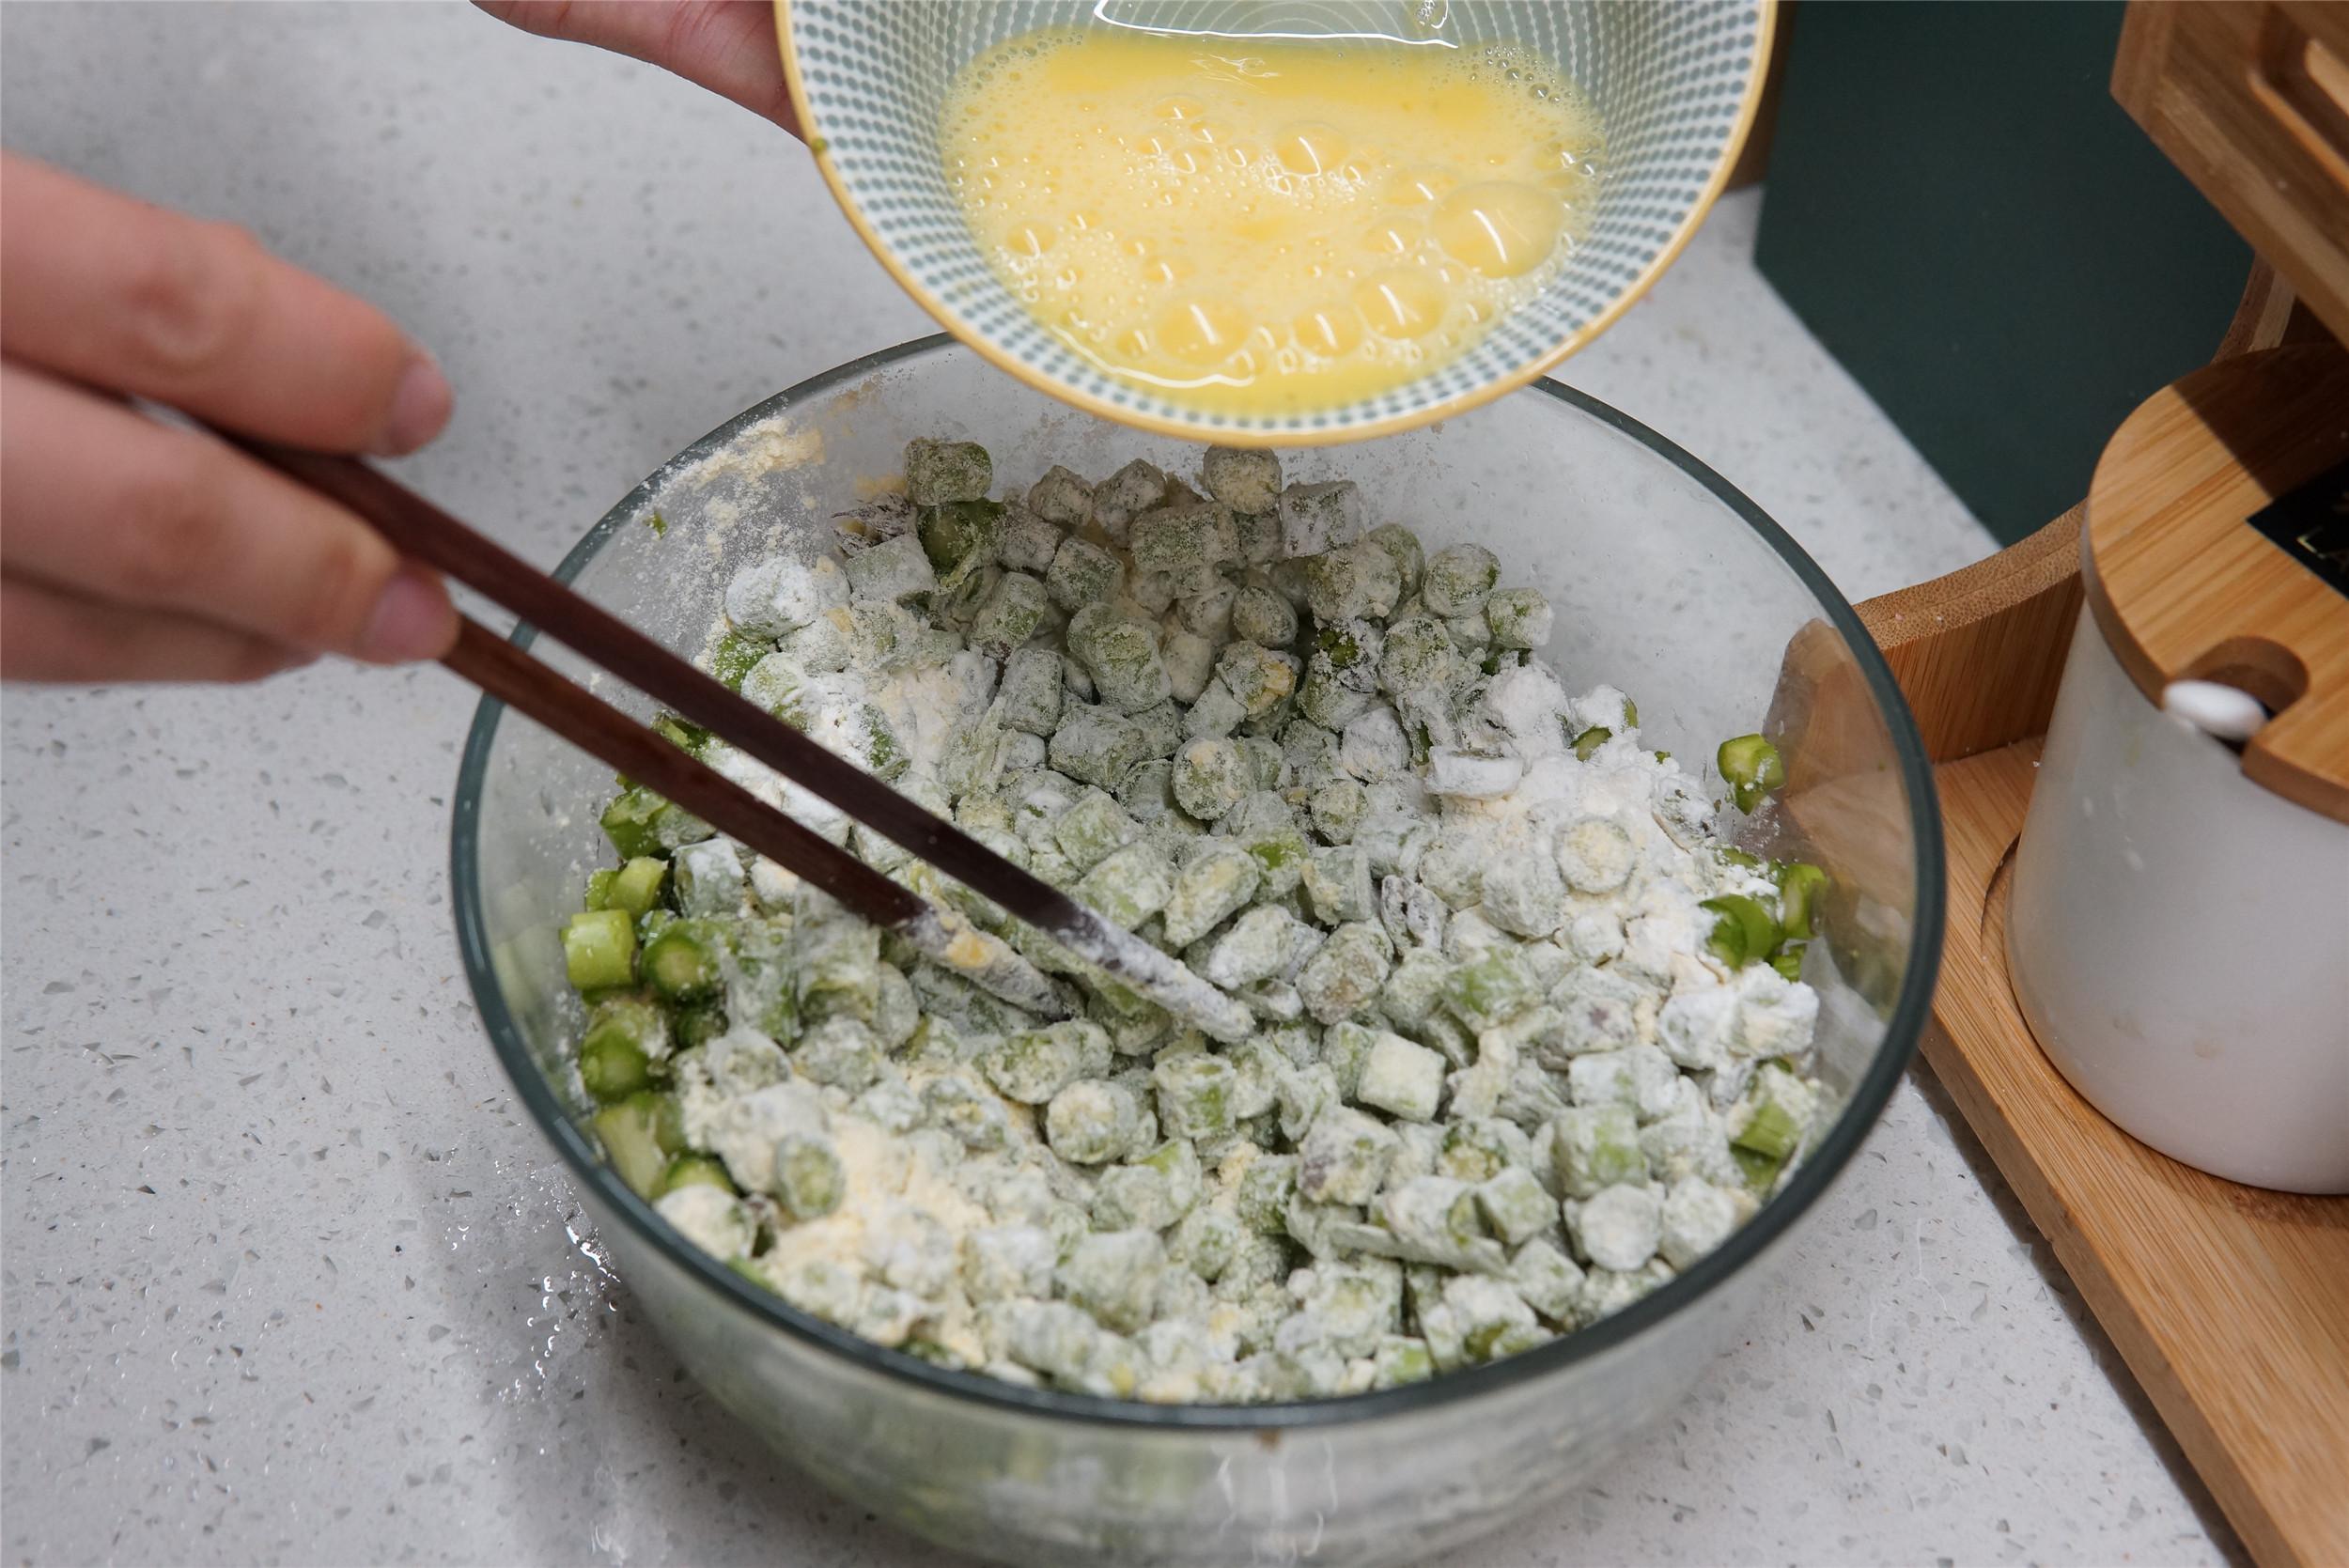 春天别忘了吃芦笋,硒含量媲美海鱼,每周吃2次,补充营养方便了 美食做法 第2张